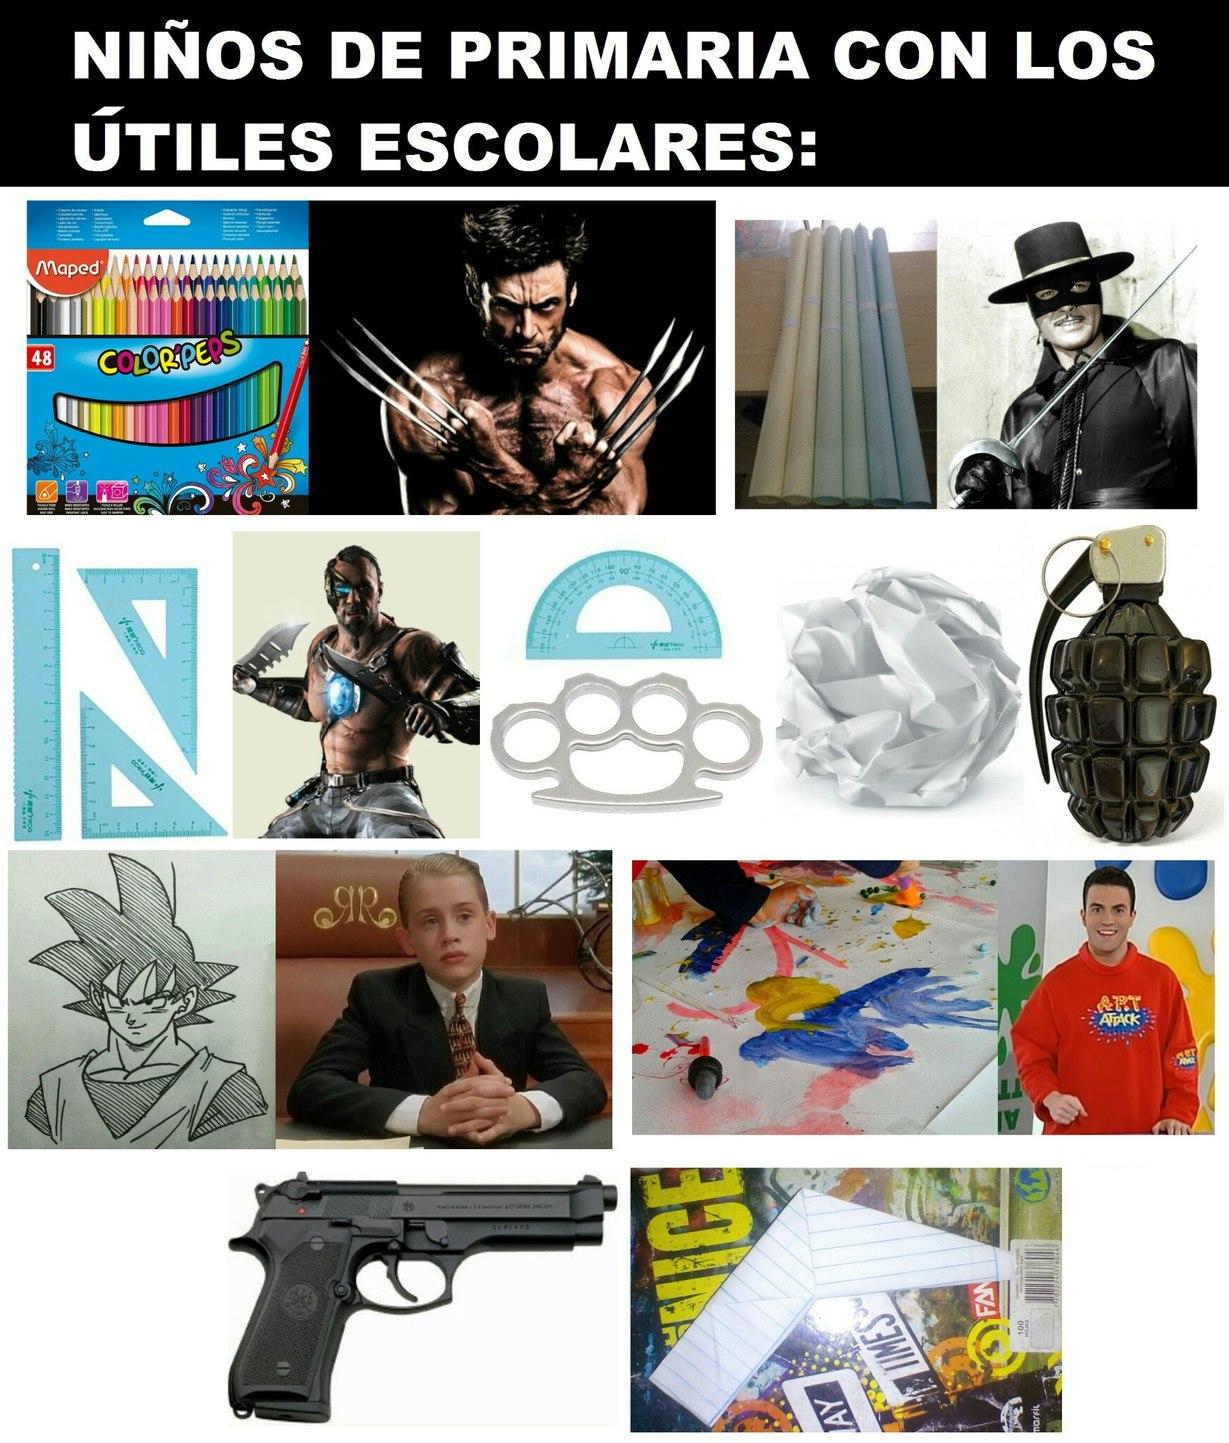 Niños de primaria con los útiles escolares - meme